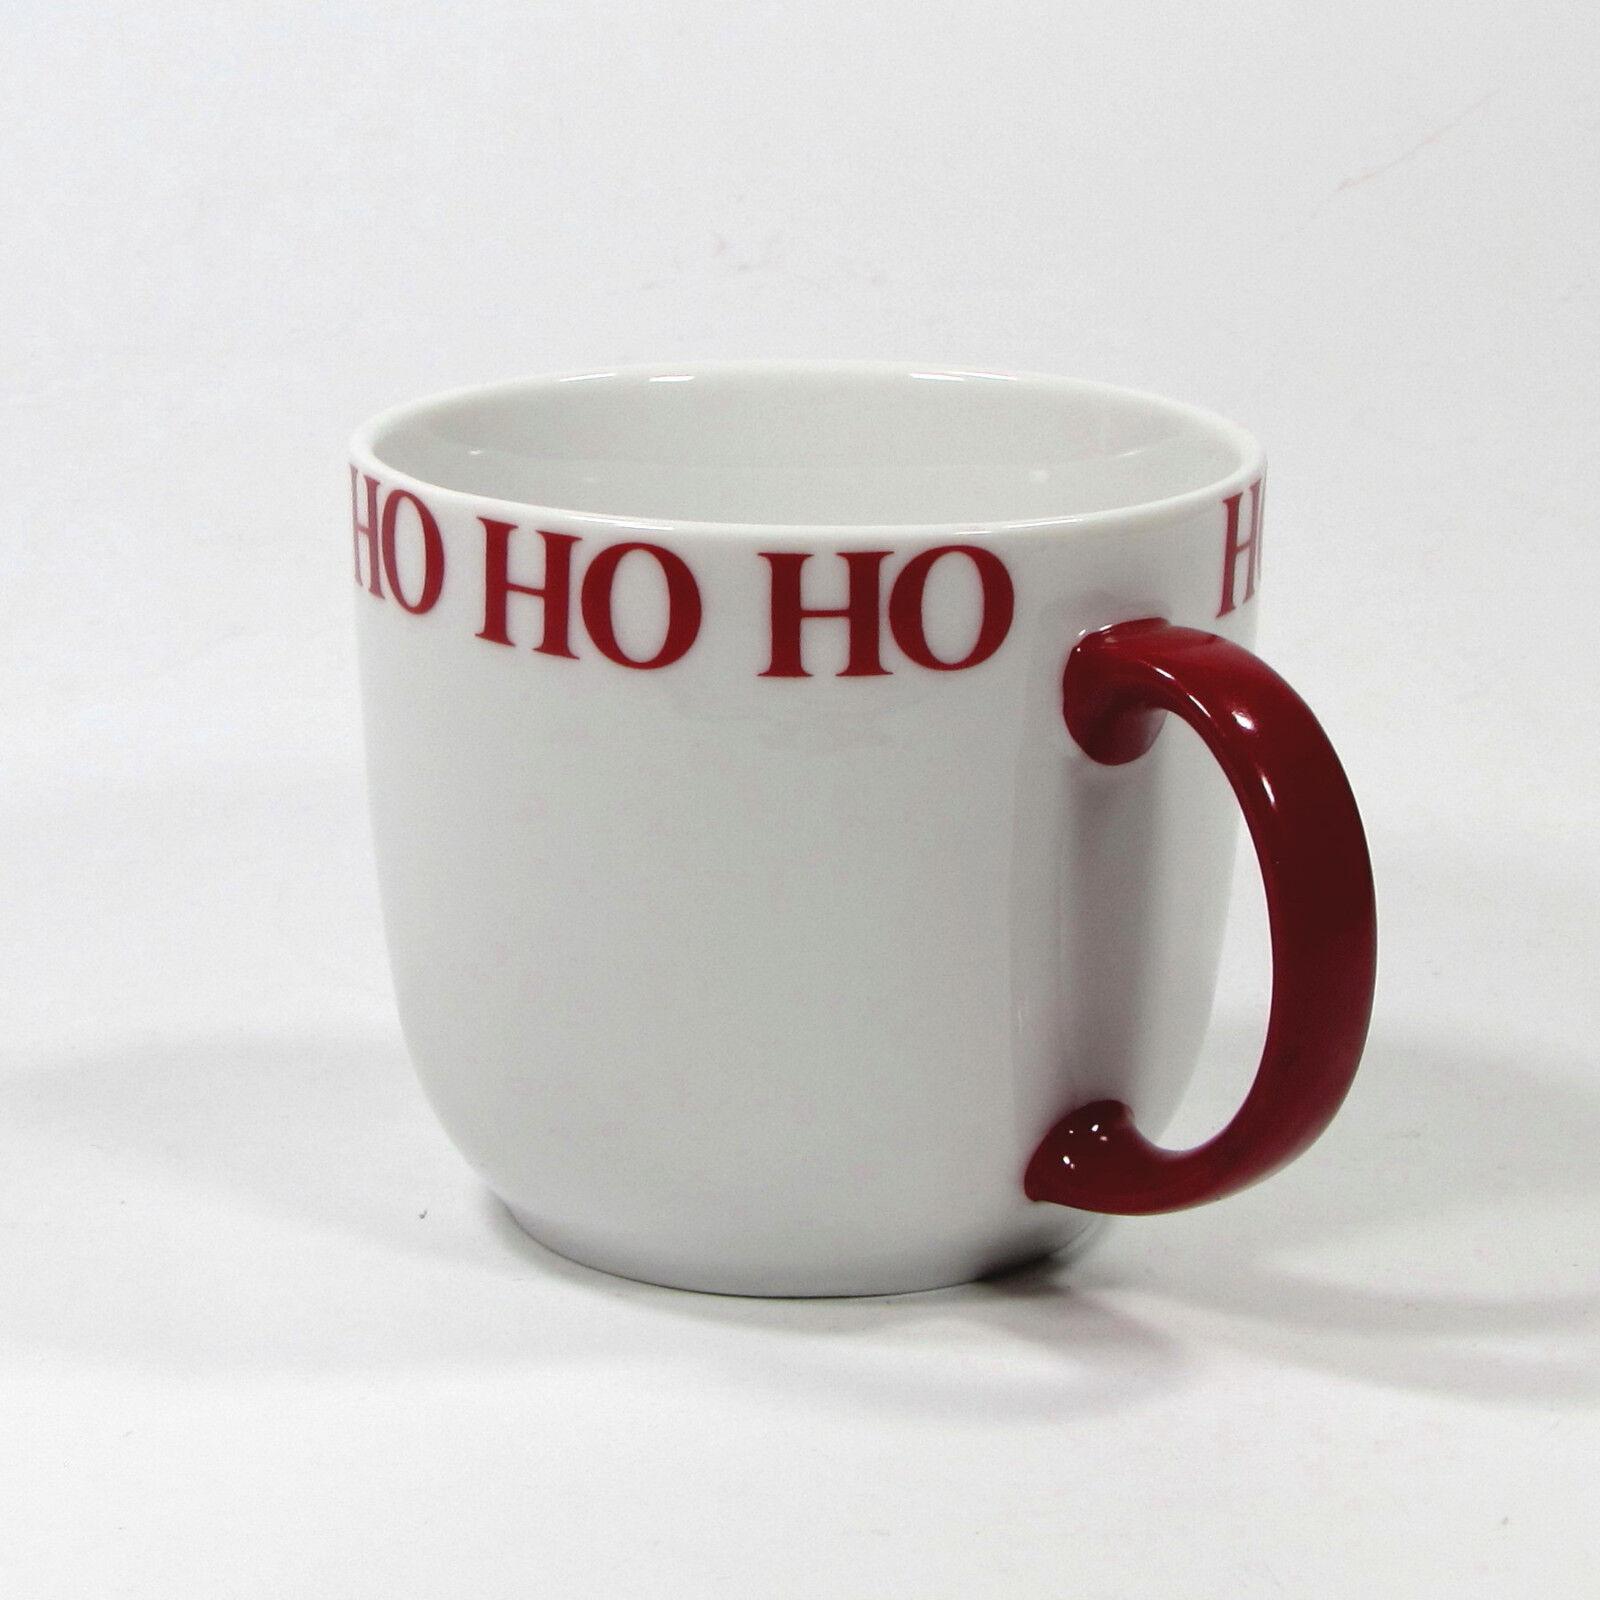 Set of 2 Crate /& Barrel HO HO HO 12oz Mug Cup #293-059 White Red Handle ho ho